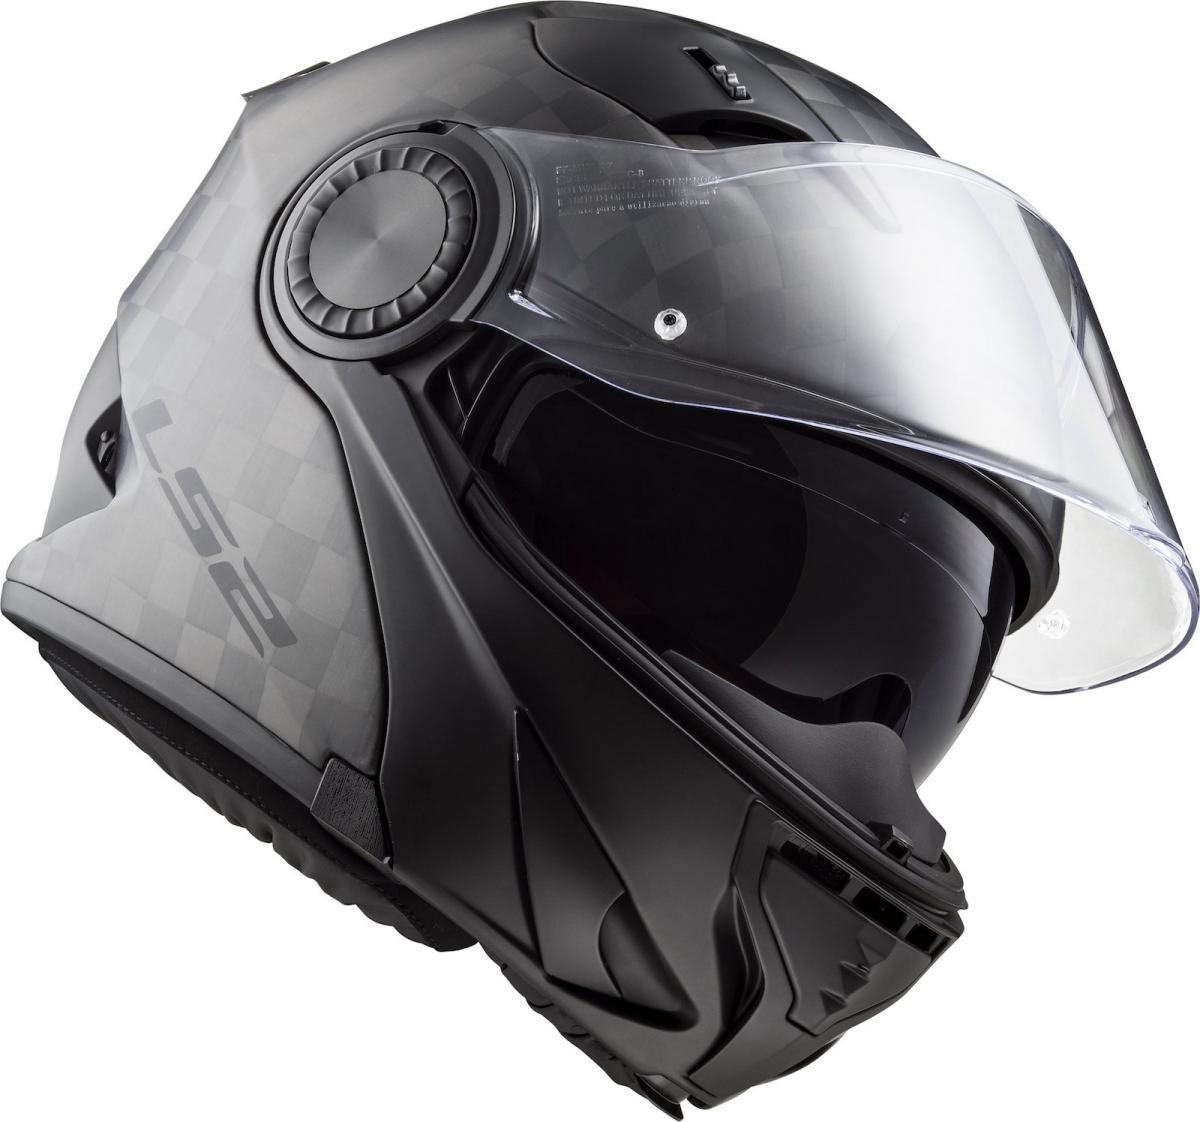 LS2 Vortex helmet